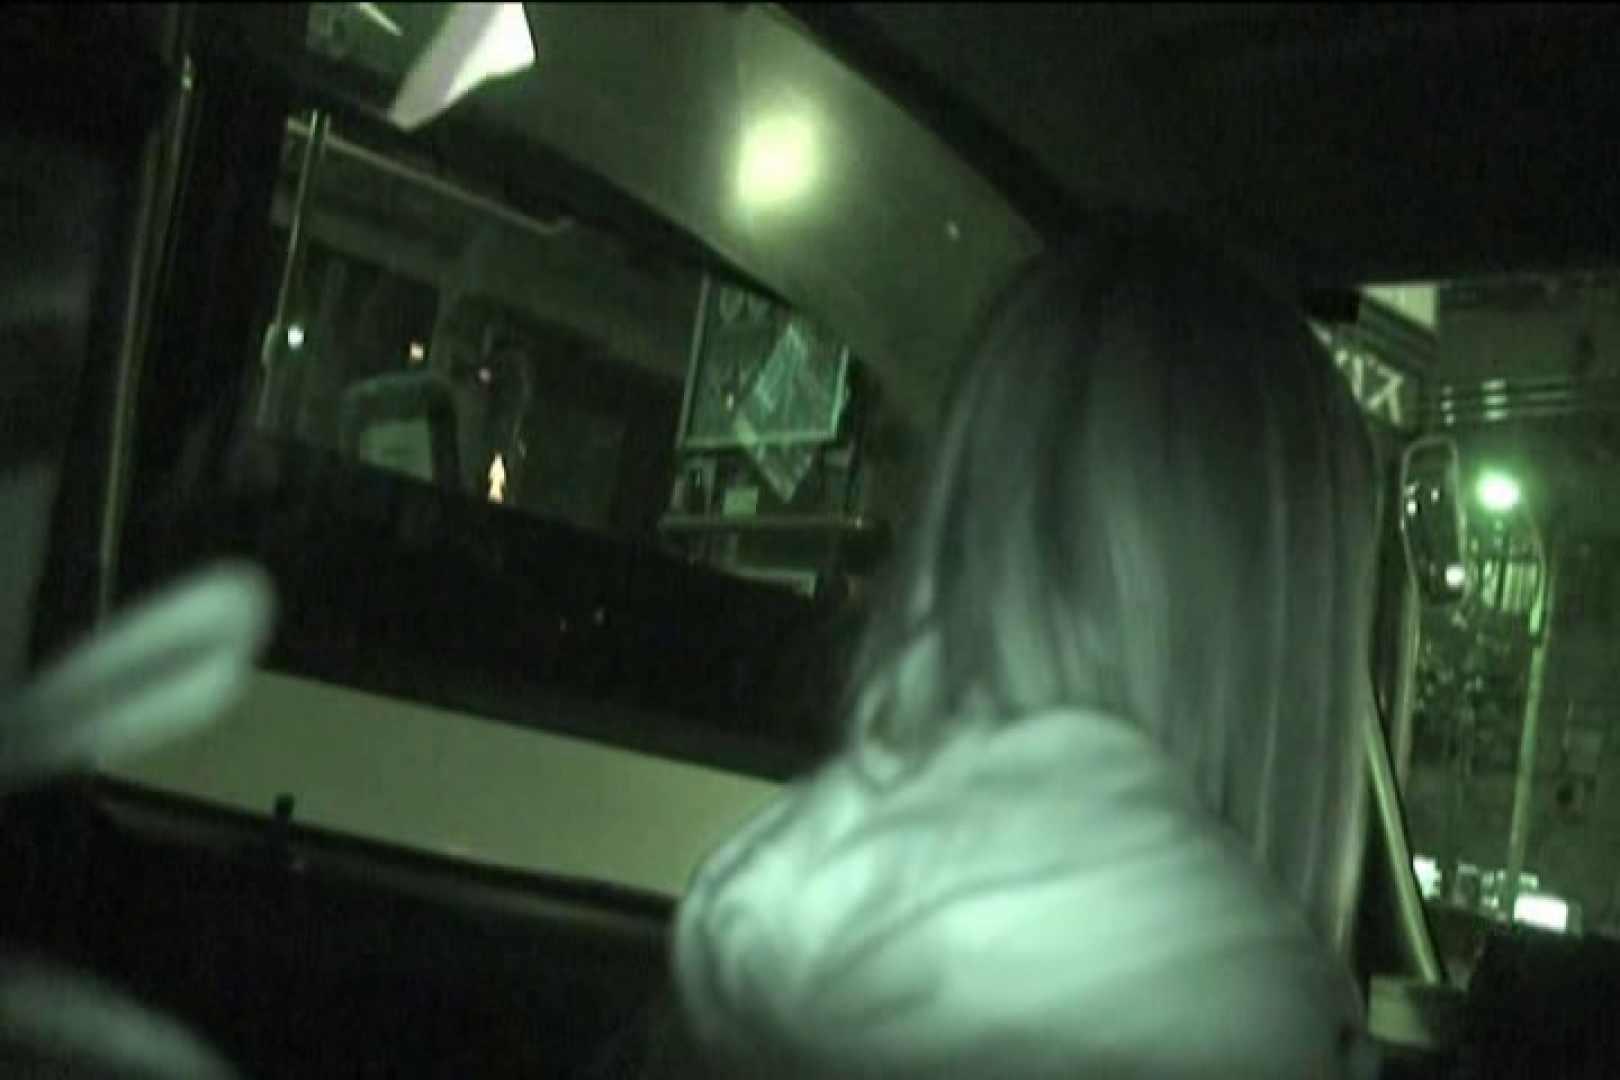 車内で初めまして! vol03 フェラ   裸体  63連発 19